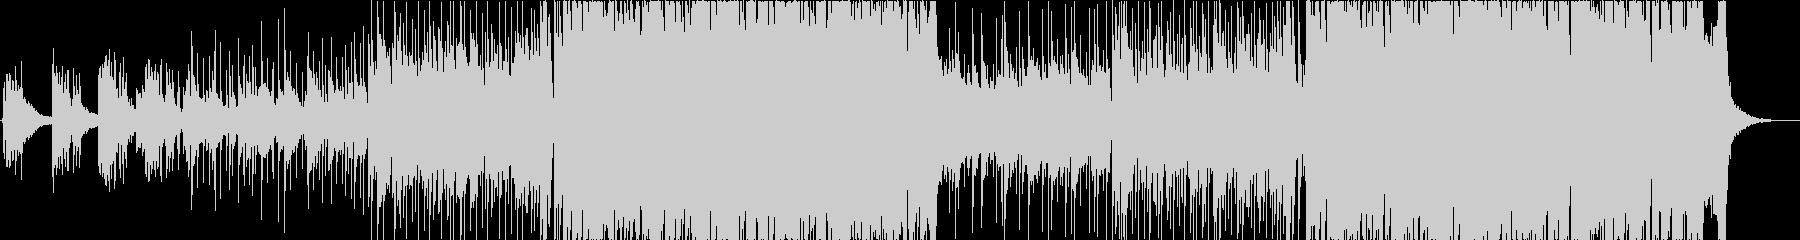 おしゃれなインストバンド系ピアノロックの未再生の波形